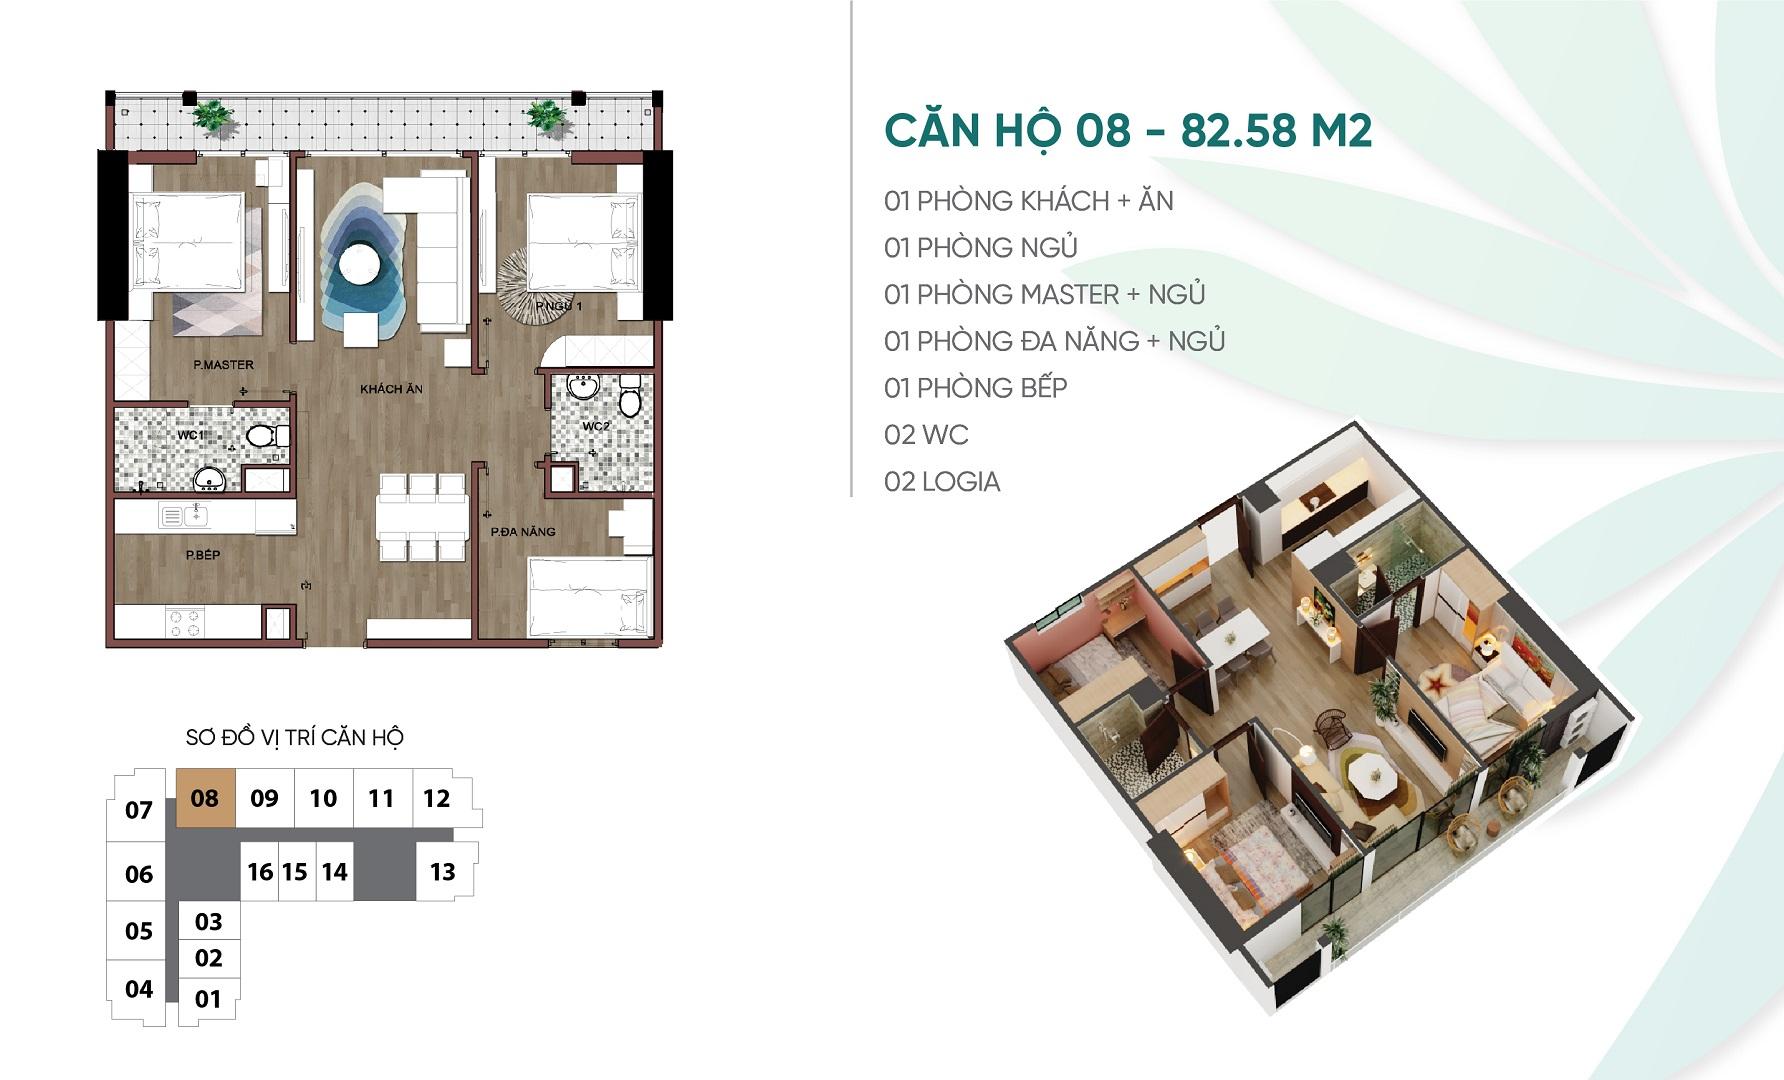 thiết kế căn hộ 08 dự án an bình plaza